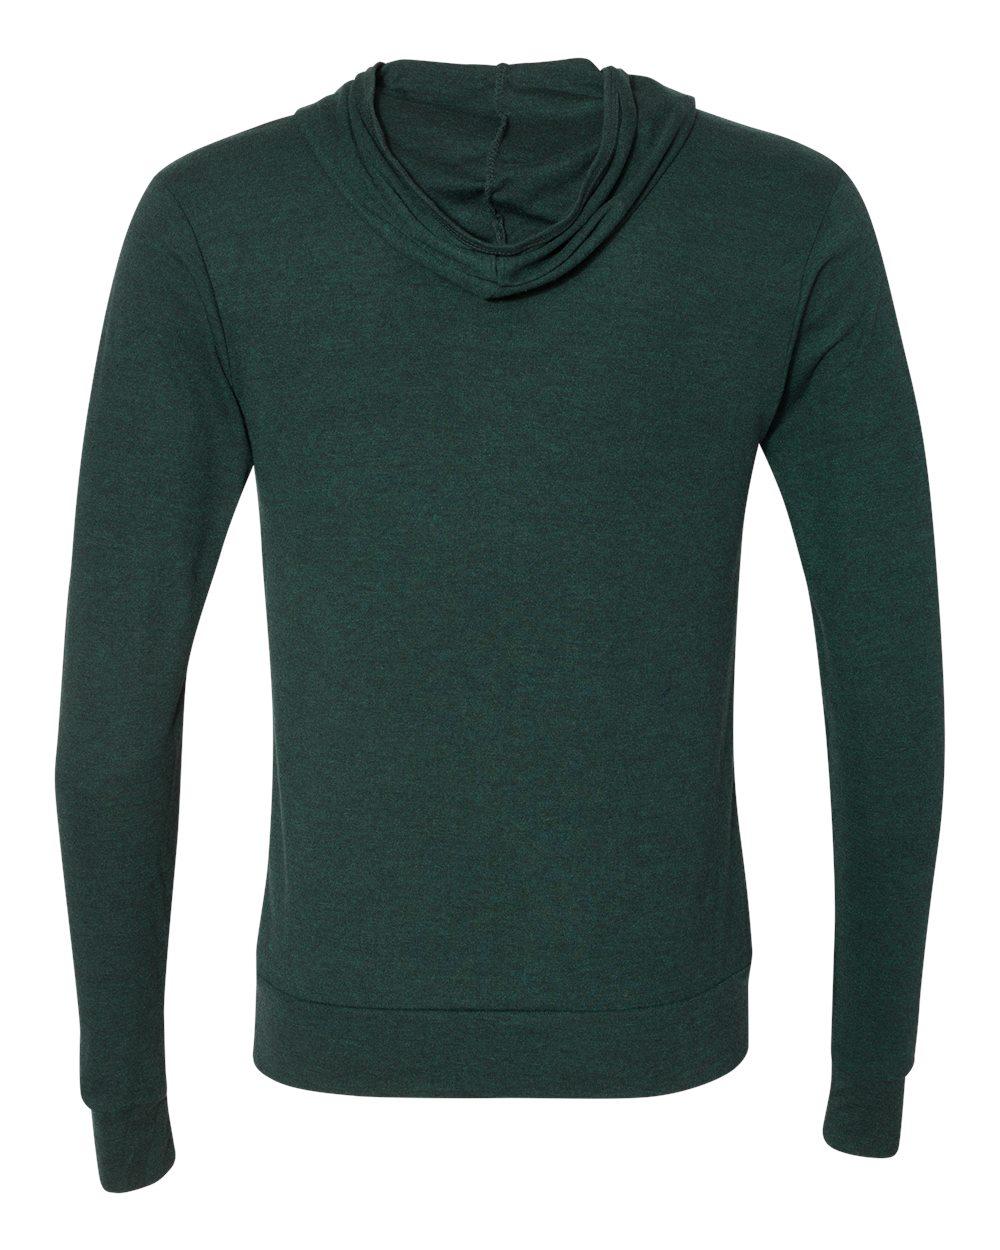 Bella-Canvas-Unisex-Triblend-Lightweight-Hooded-Full-Zip-T-Shirt-3939-upto-2XL thumbnail 13